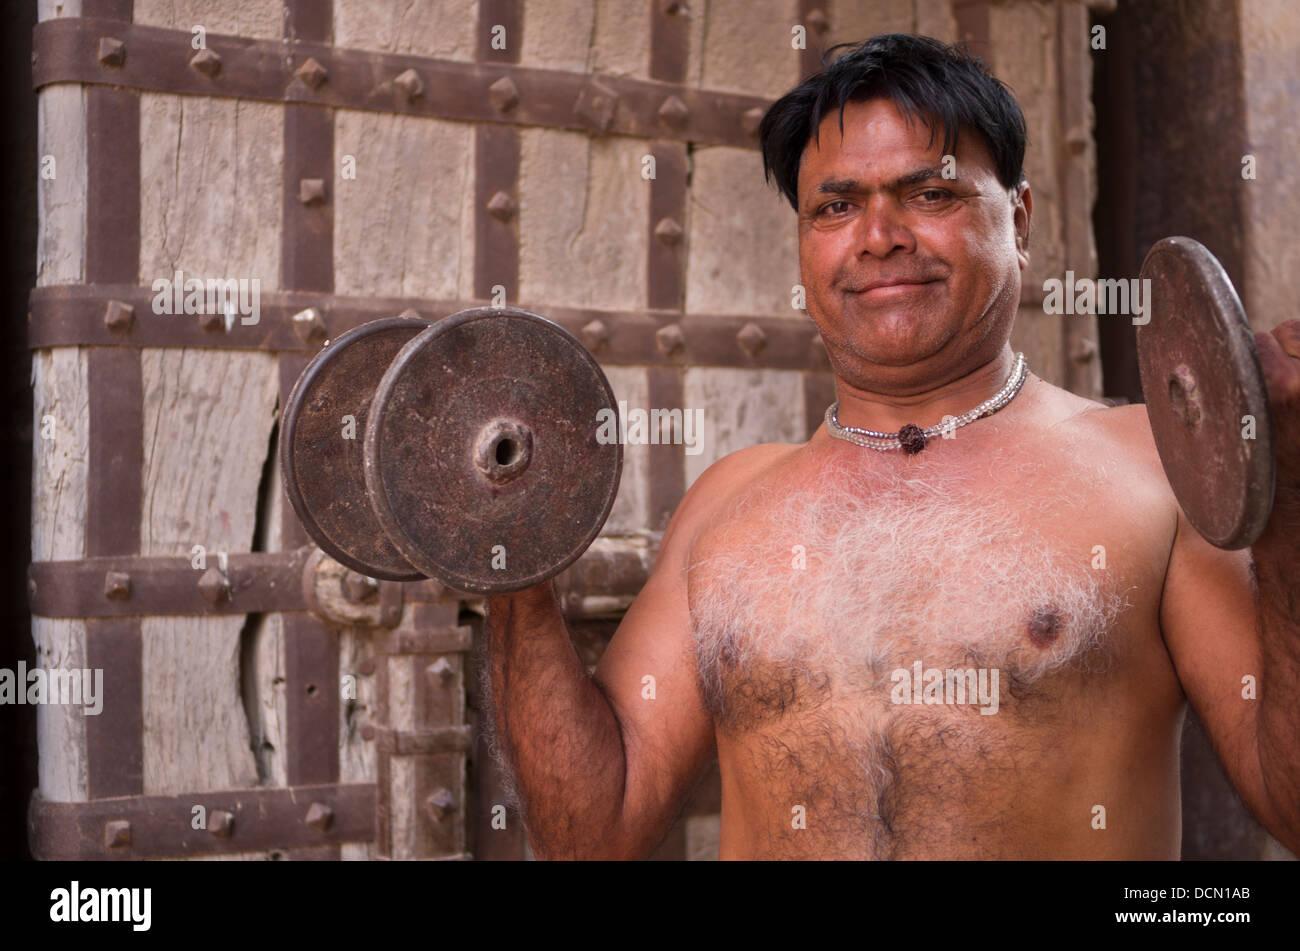 L'homme indien avec formation à l'extérieur des portes de dumbells Meherangarh Fort - Jodhpur, Photo Stock